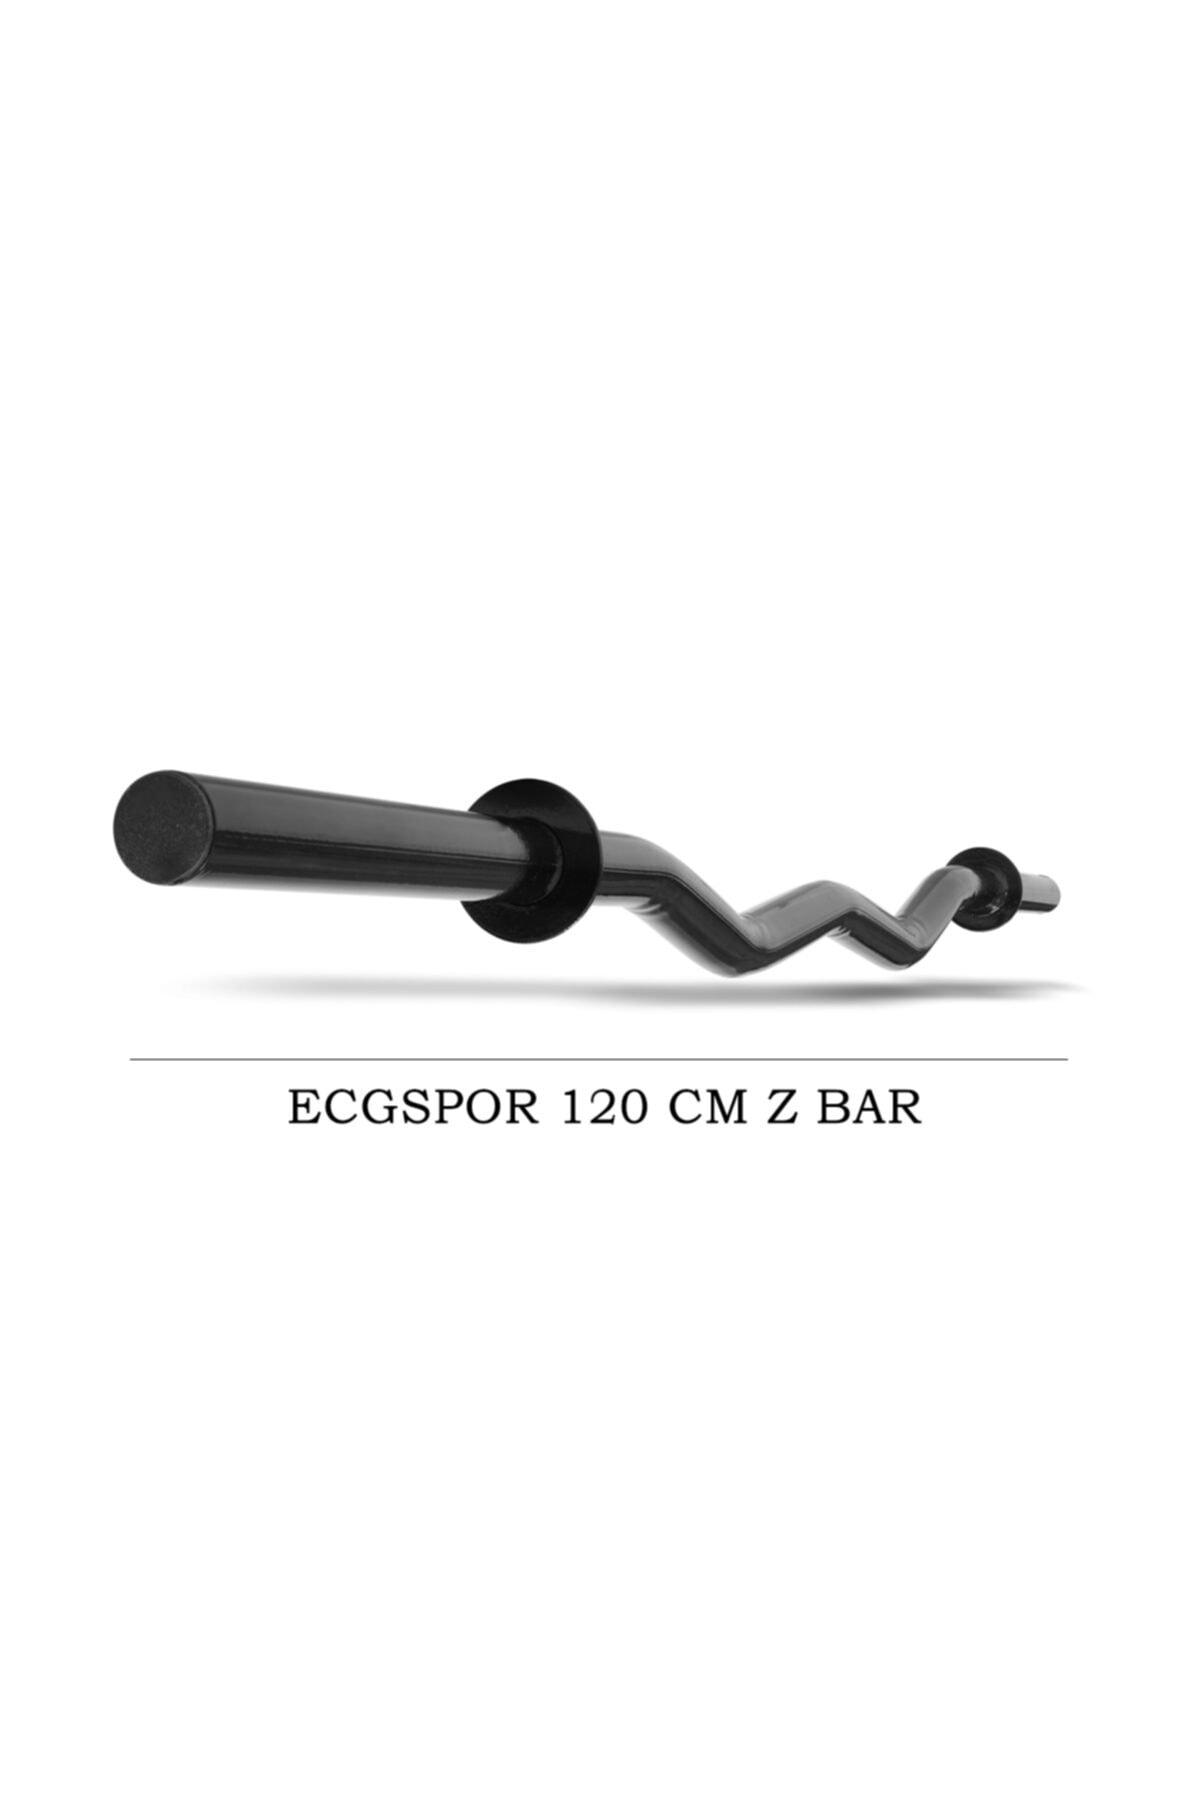 ECG Spor 68 Kg Z Bar Dambıl Seti & Halter Seti Ağırlık Fitness Seti